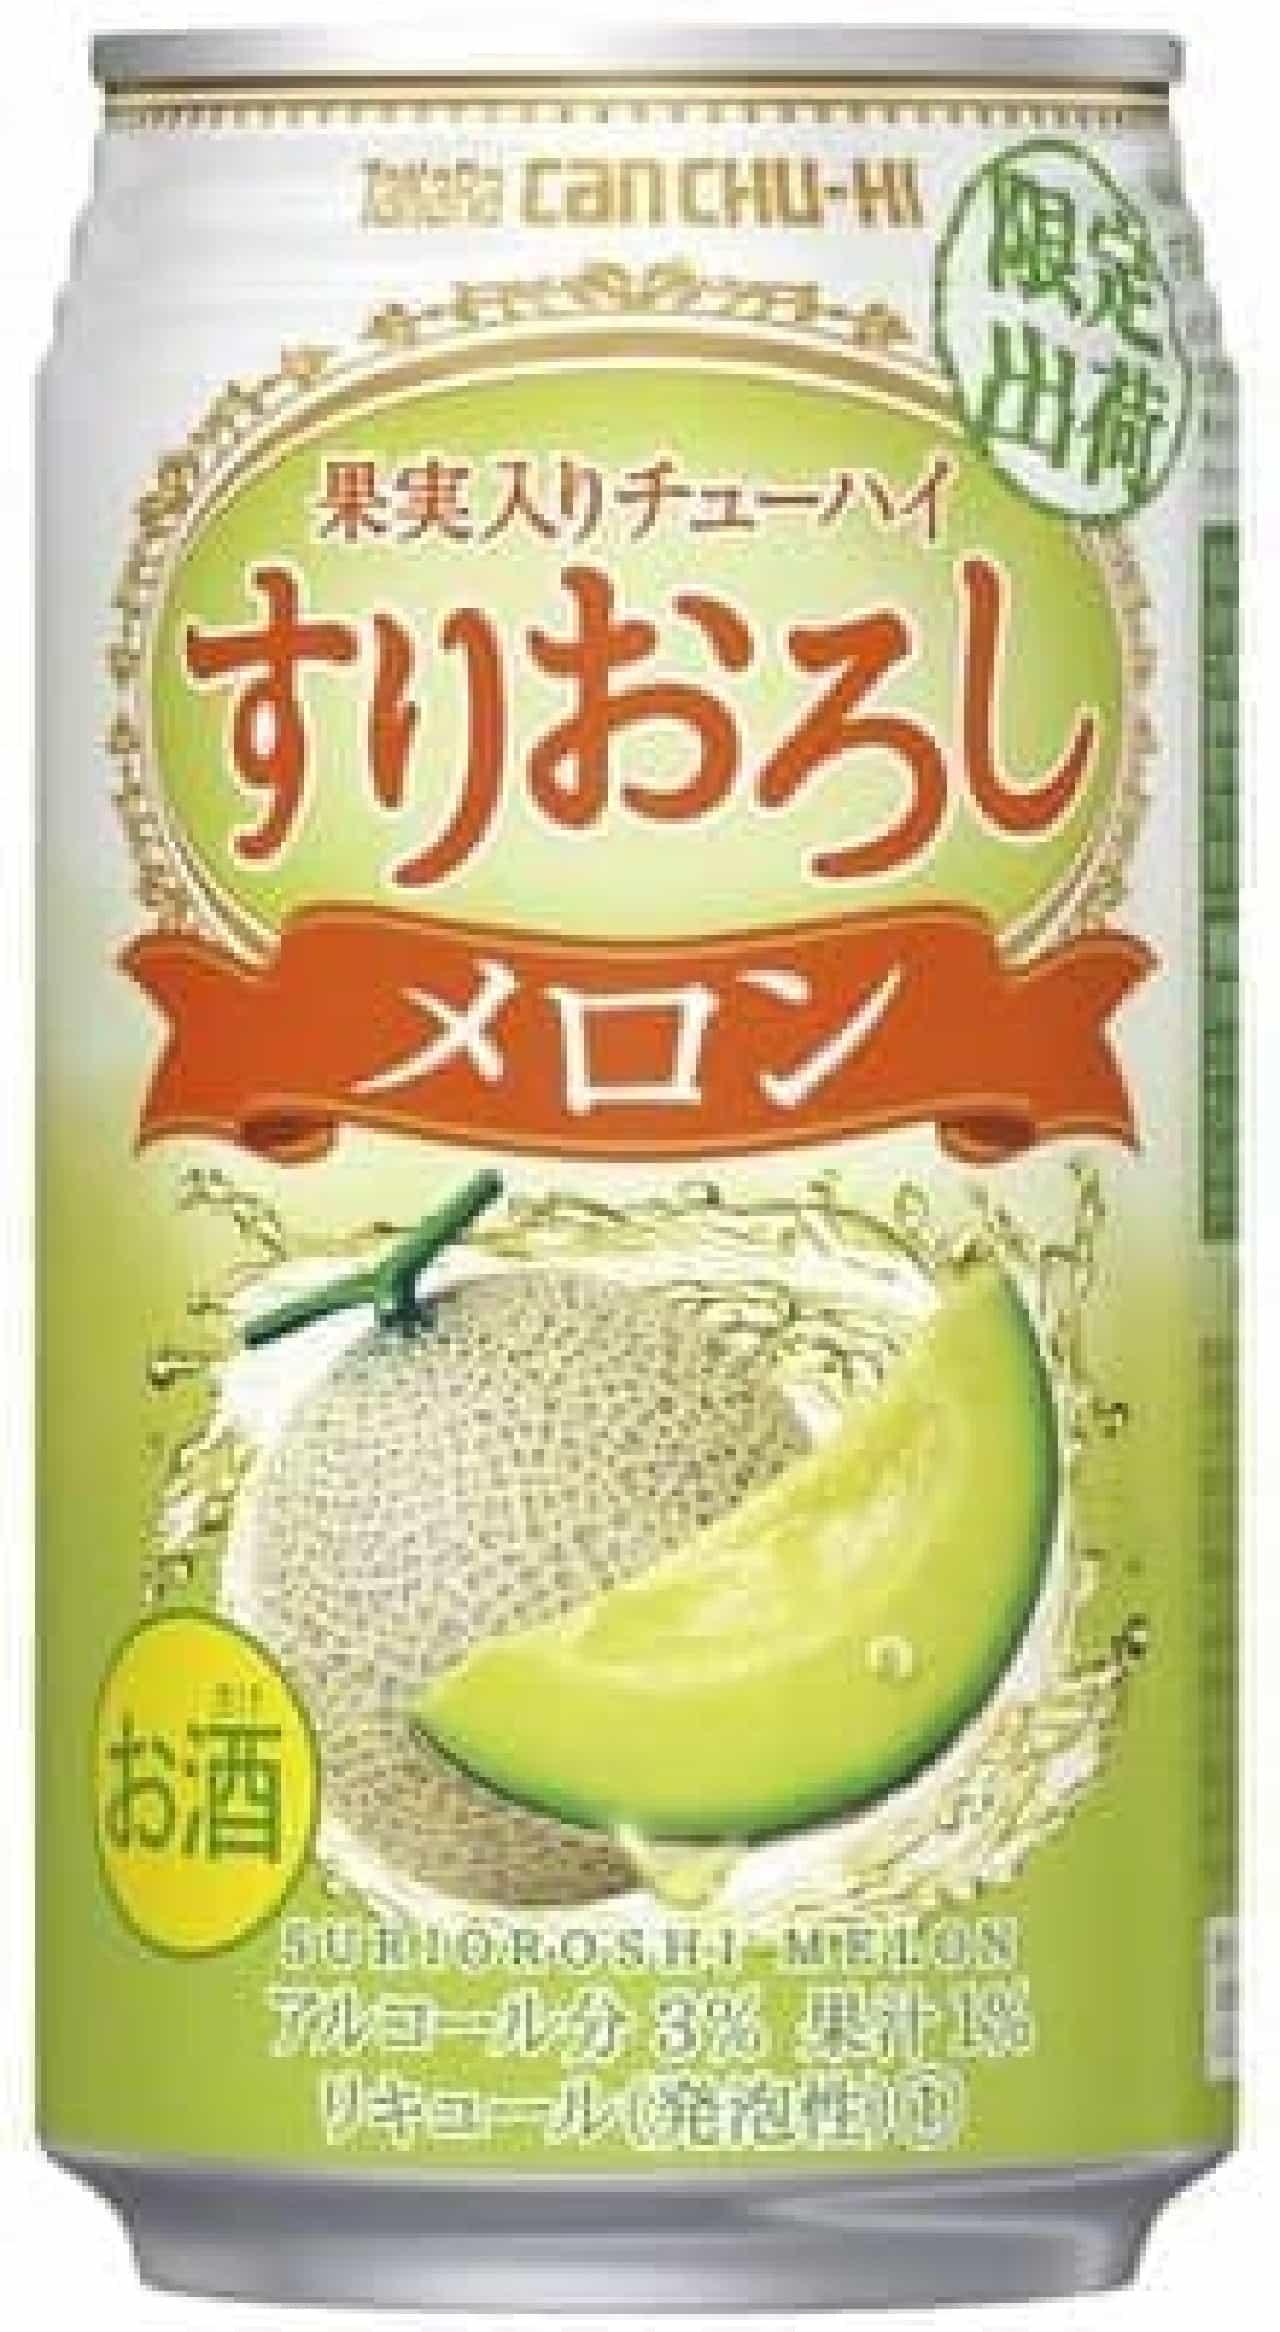 旬のメロンの果実入りチューハイ!